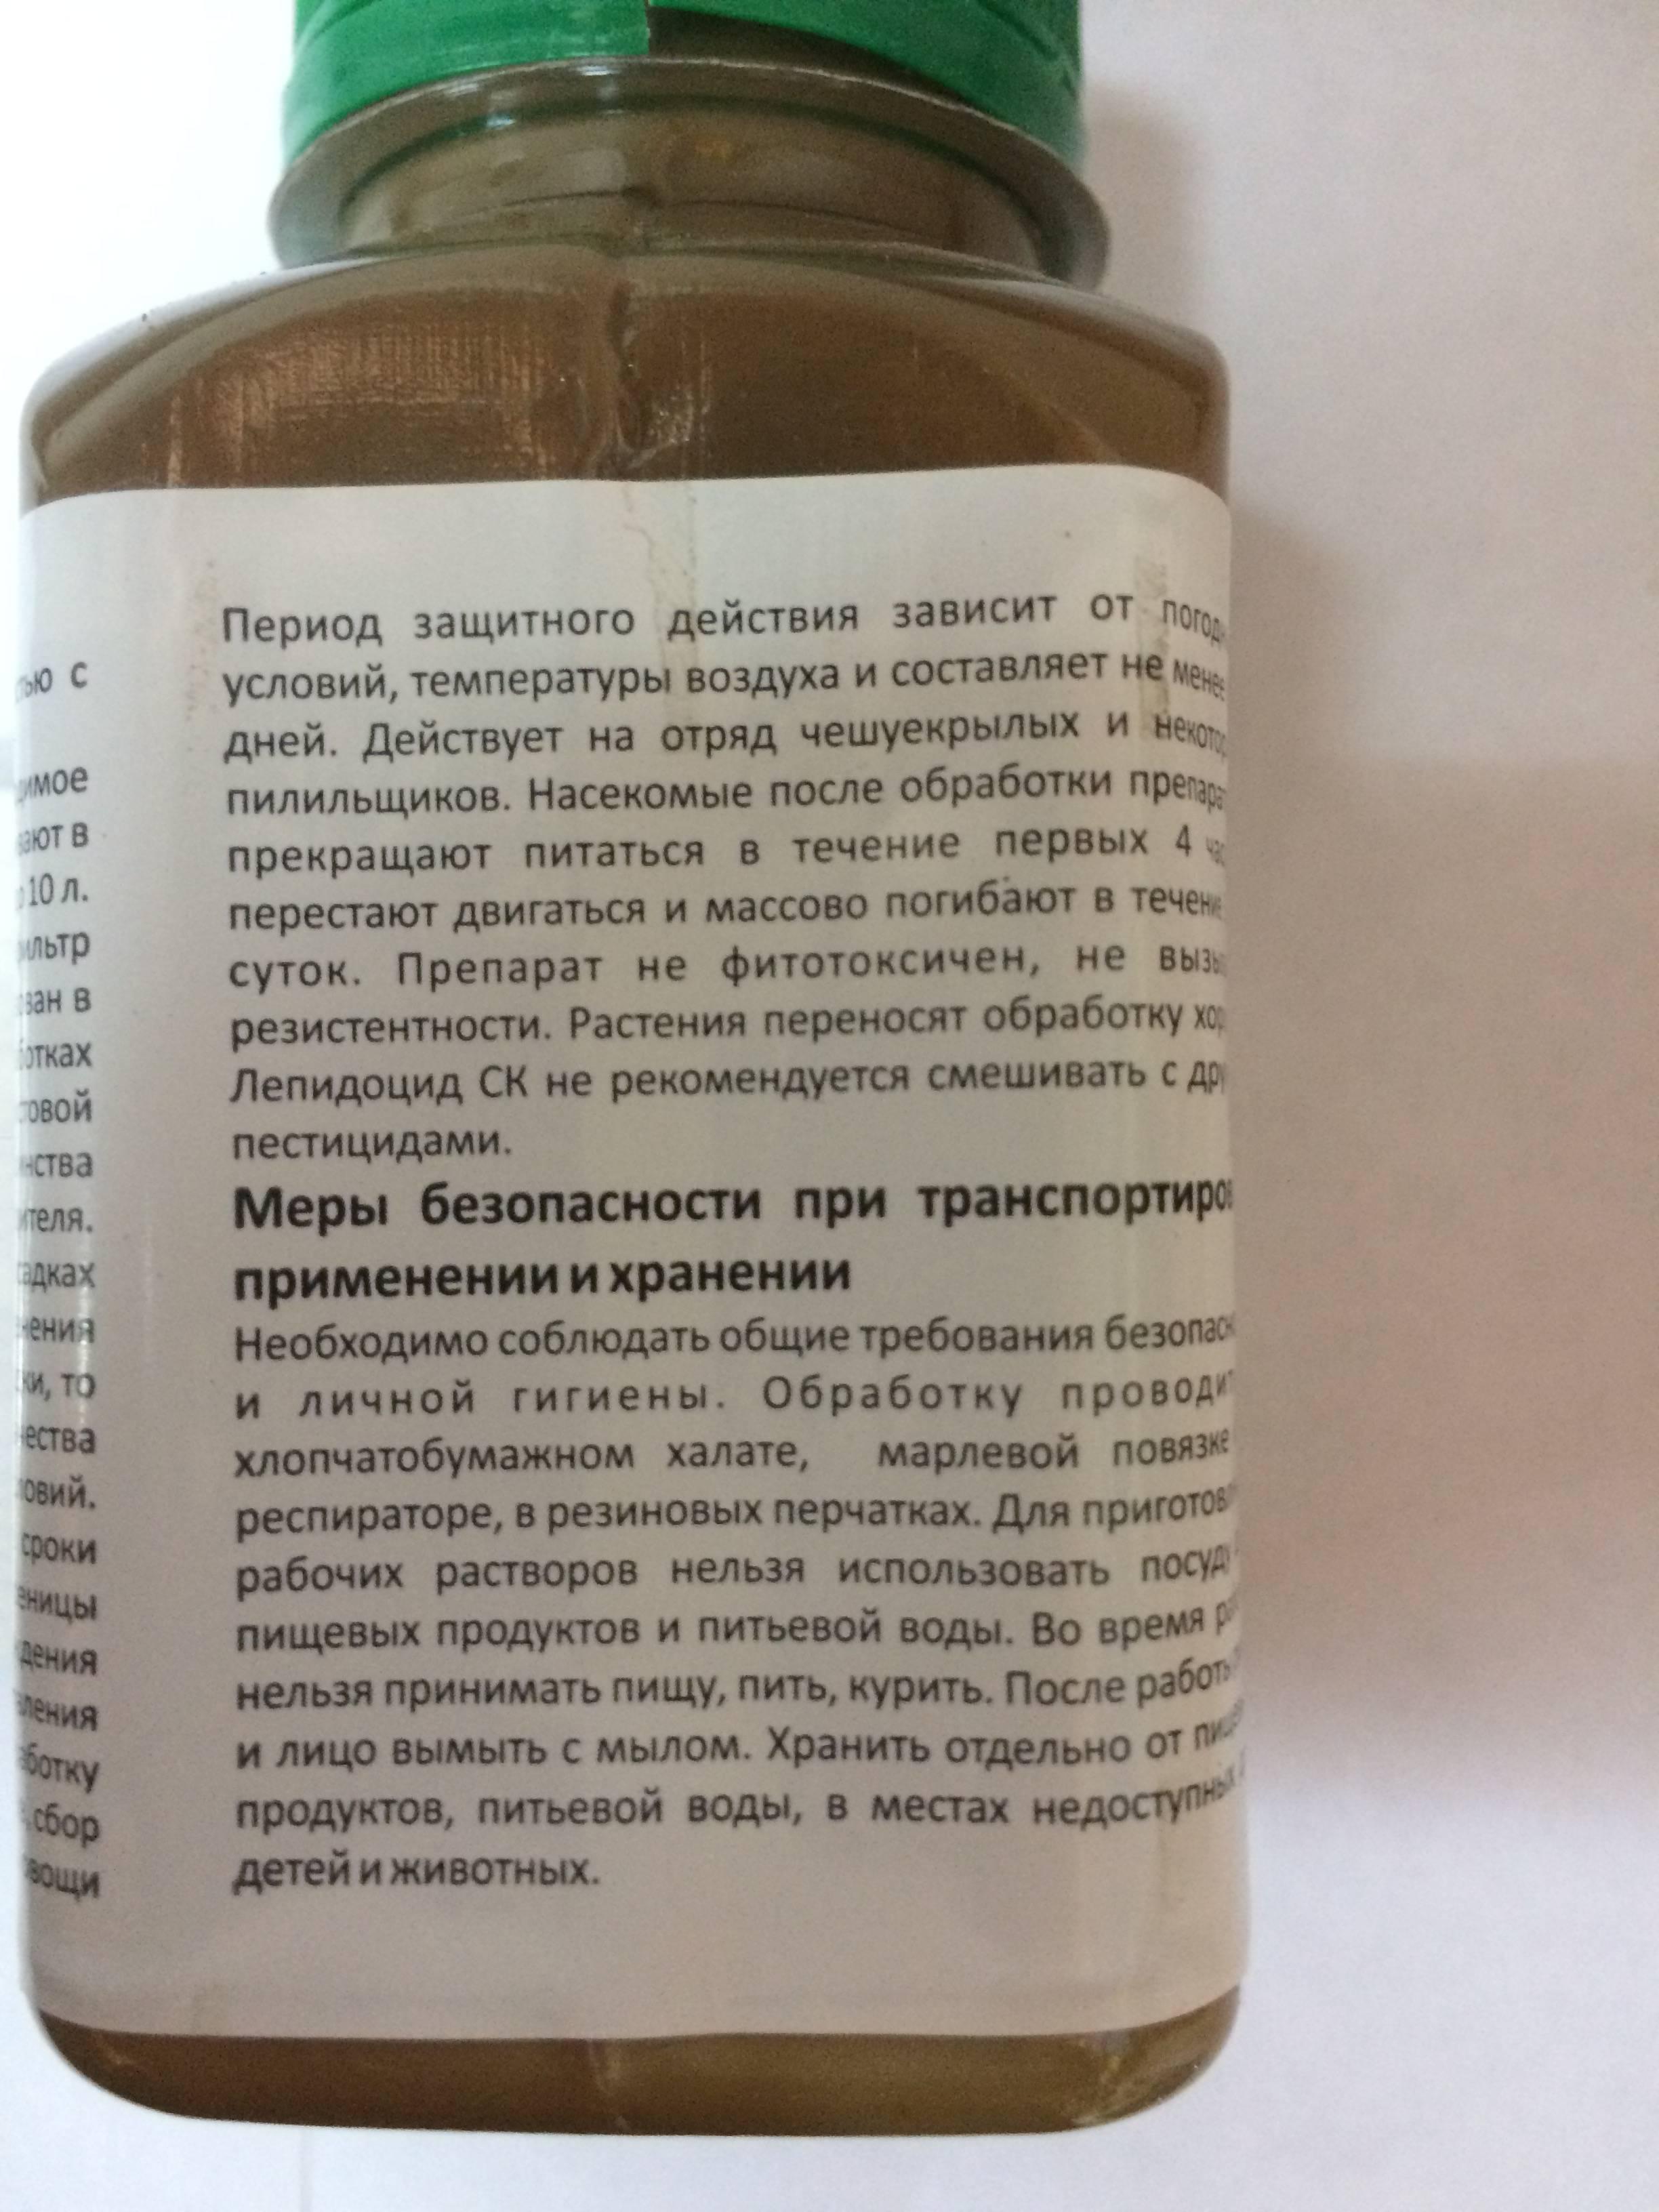 Лепидоцид - инструкция по применению, отзывы дачников